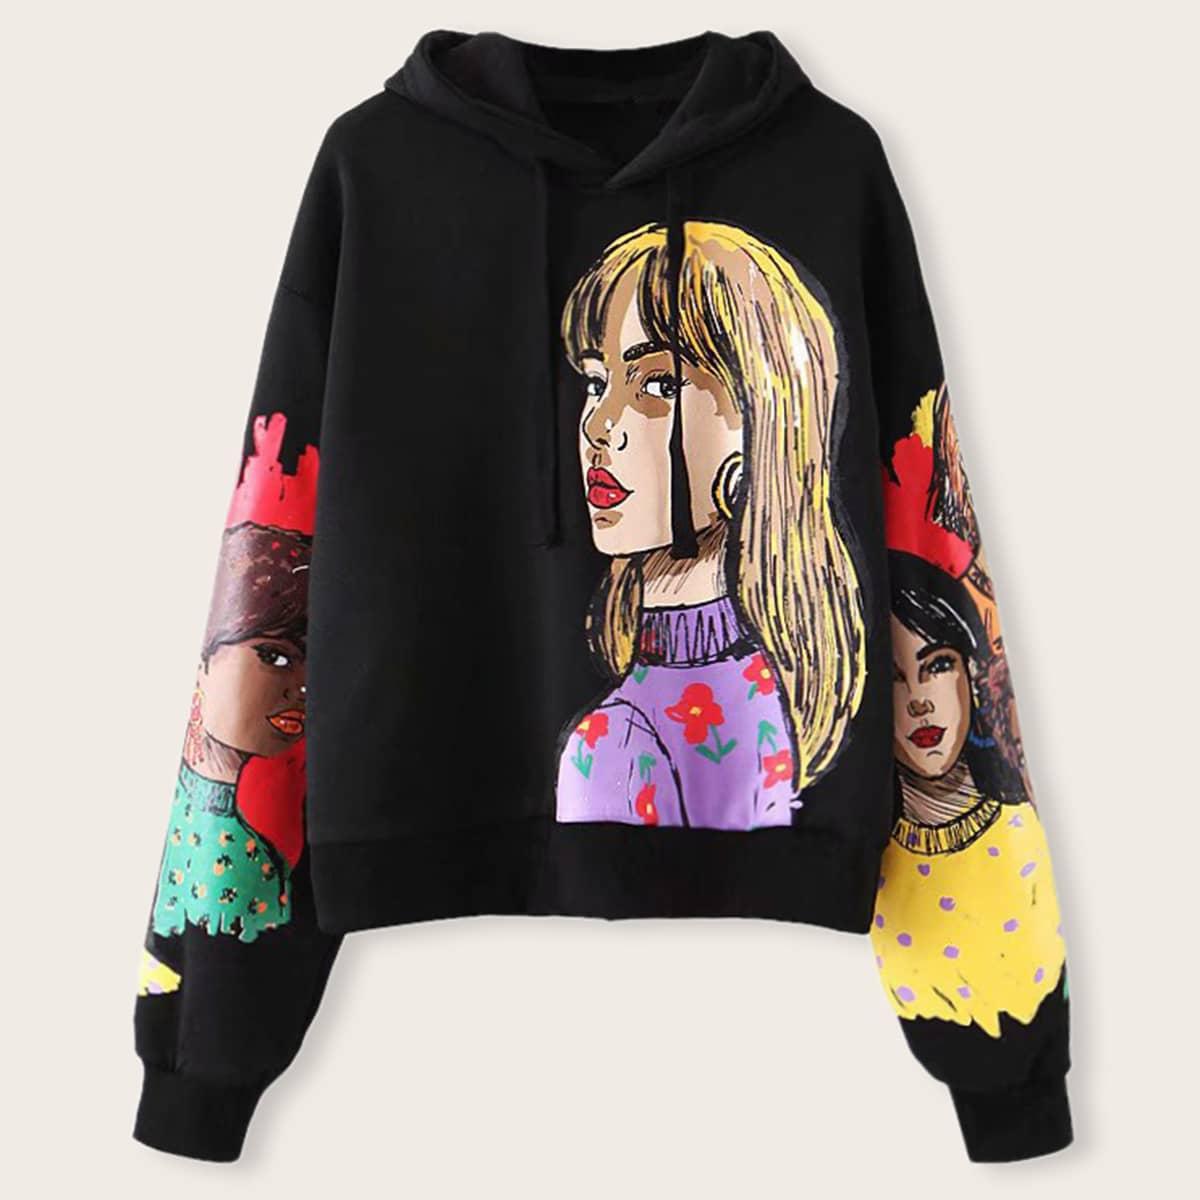 SHEIN / Schwarz Ziehbändchen Zahlen  Lässig Sweatshirts